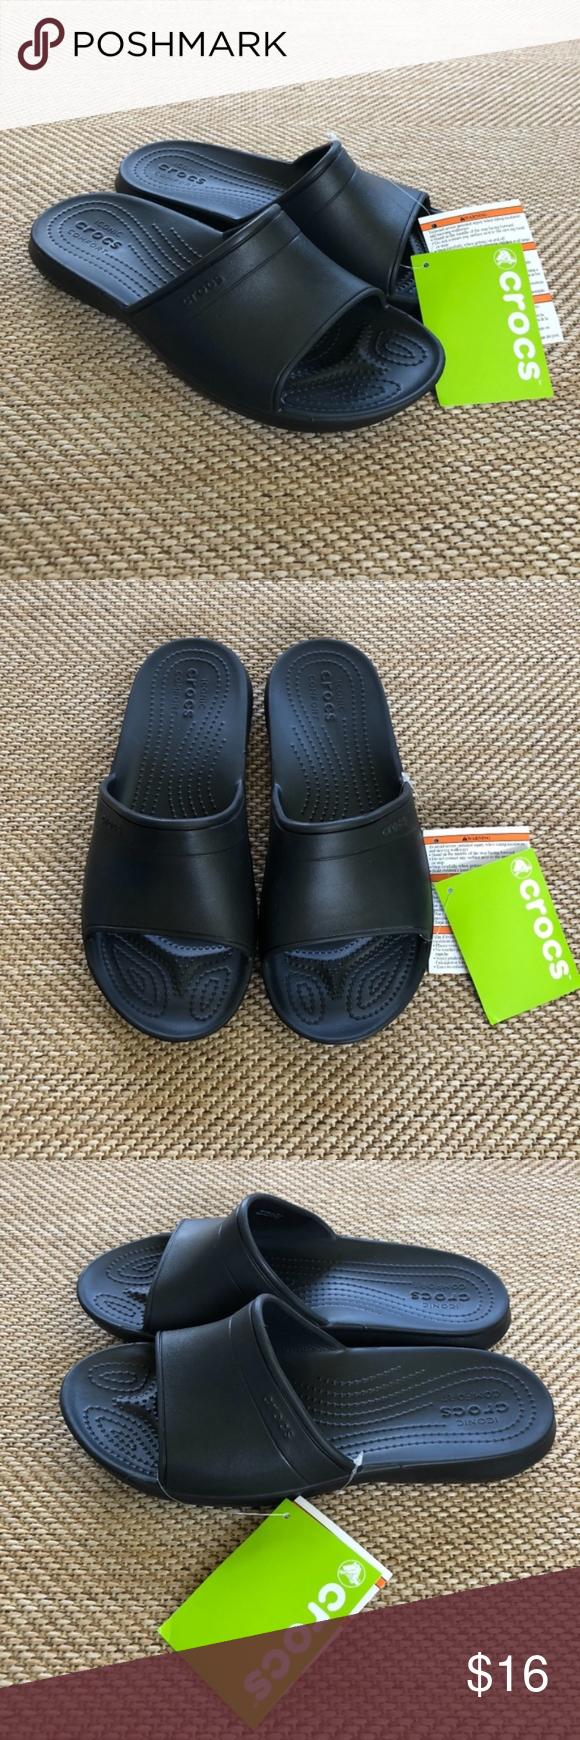 bf793f7a482d Crocs Classic Slides Sandals Crocs Classic Slides Sandals Size 9 CROCS  Shoes Sandals